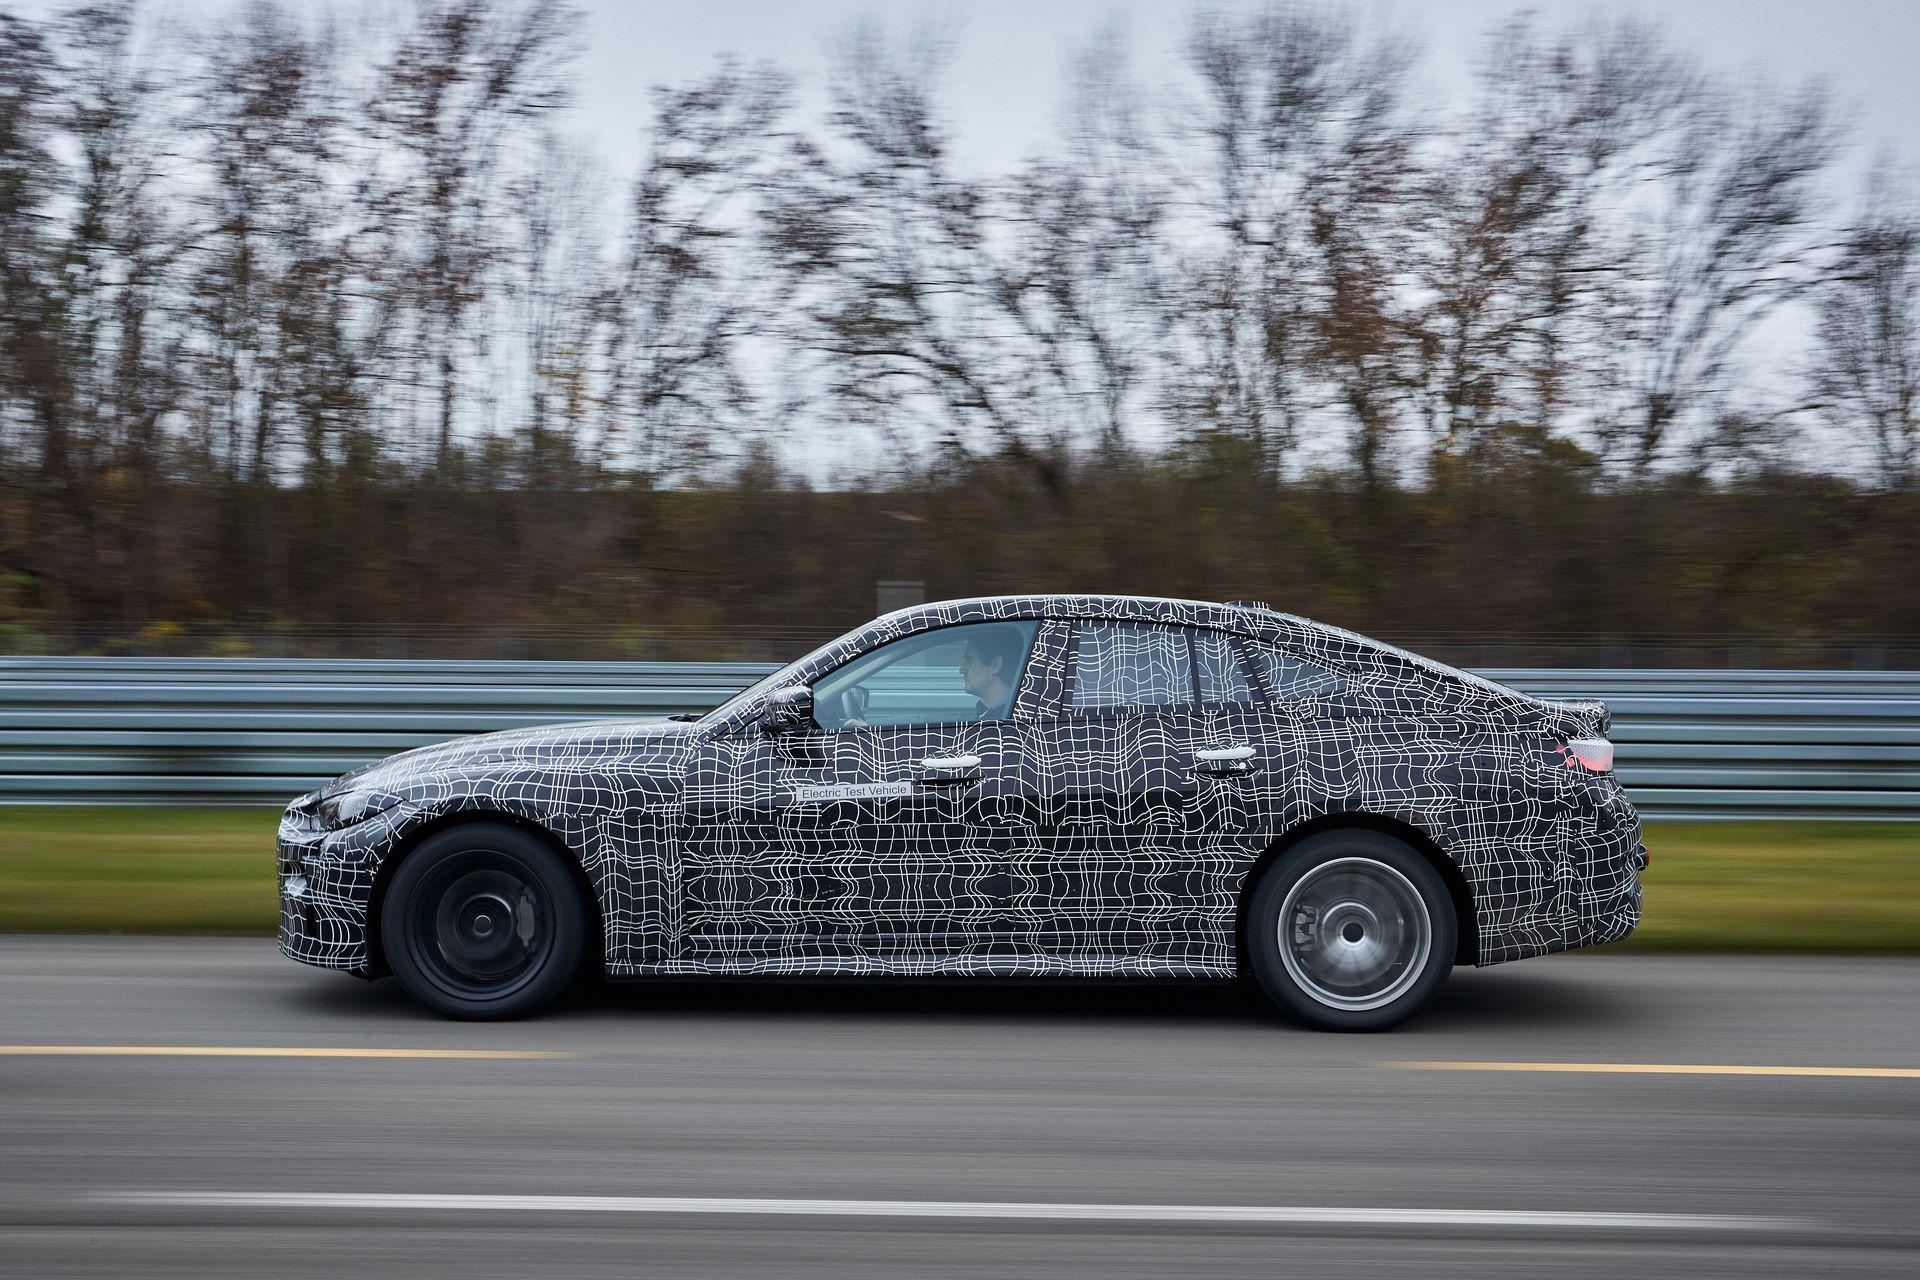 BMW-i4-spy-photos-8